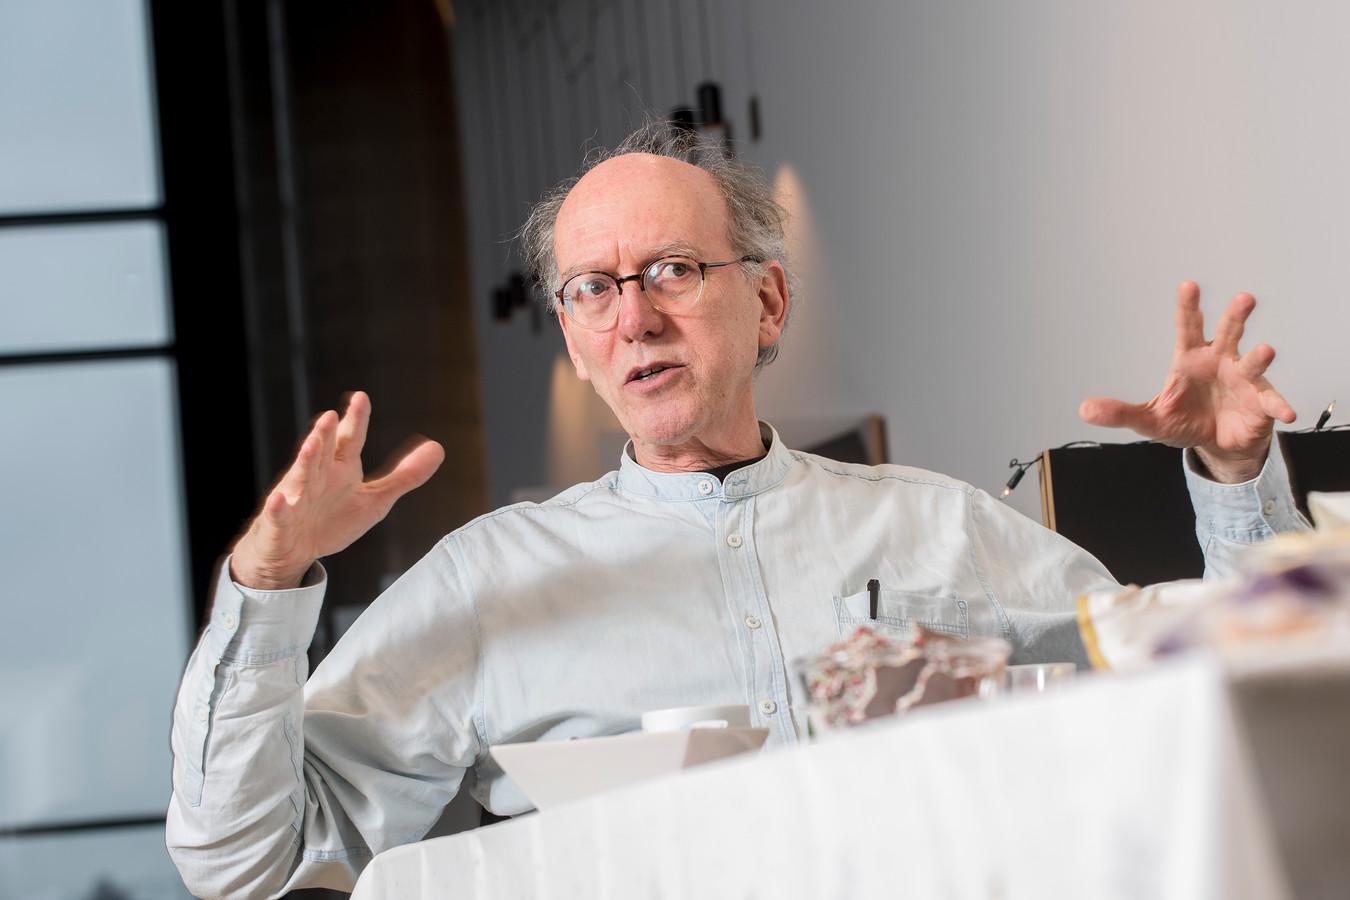 Arts-microbioloog Bert Mulder van het Canisius Wilhelmina Ziekenhuis (CWZ) waarschuwt al meer dan een maand voor de deltavariant en noemt de gegevens die het RIVM hierover verstrekt 'volstrekt irreëel'.